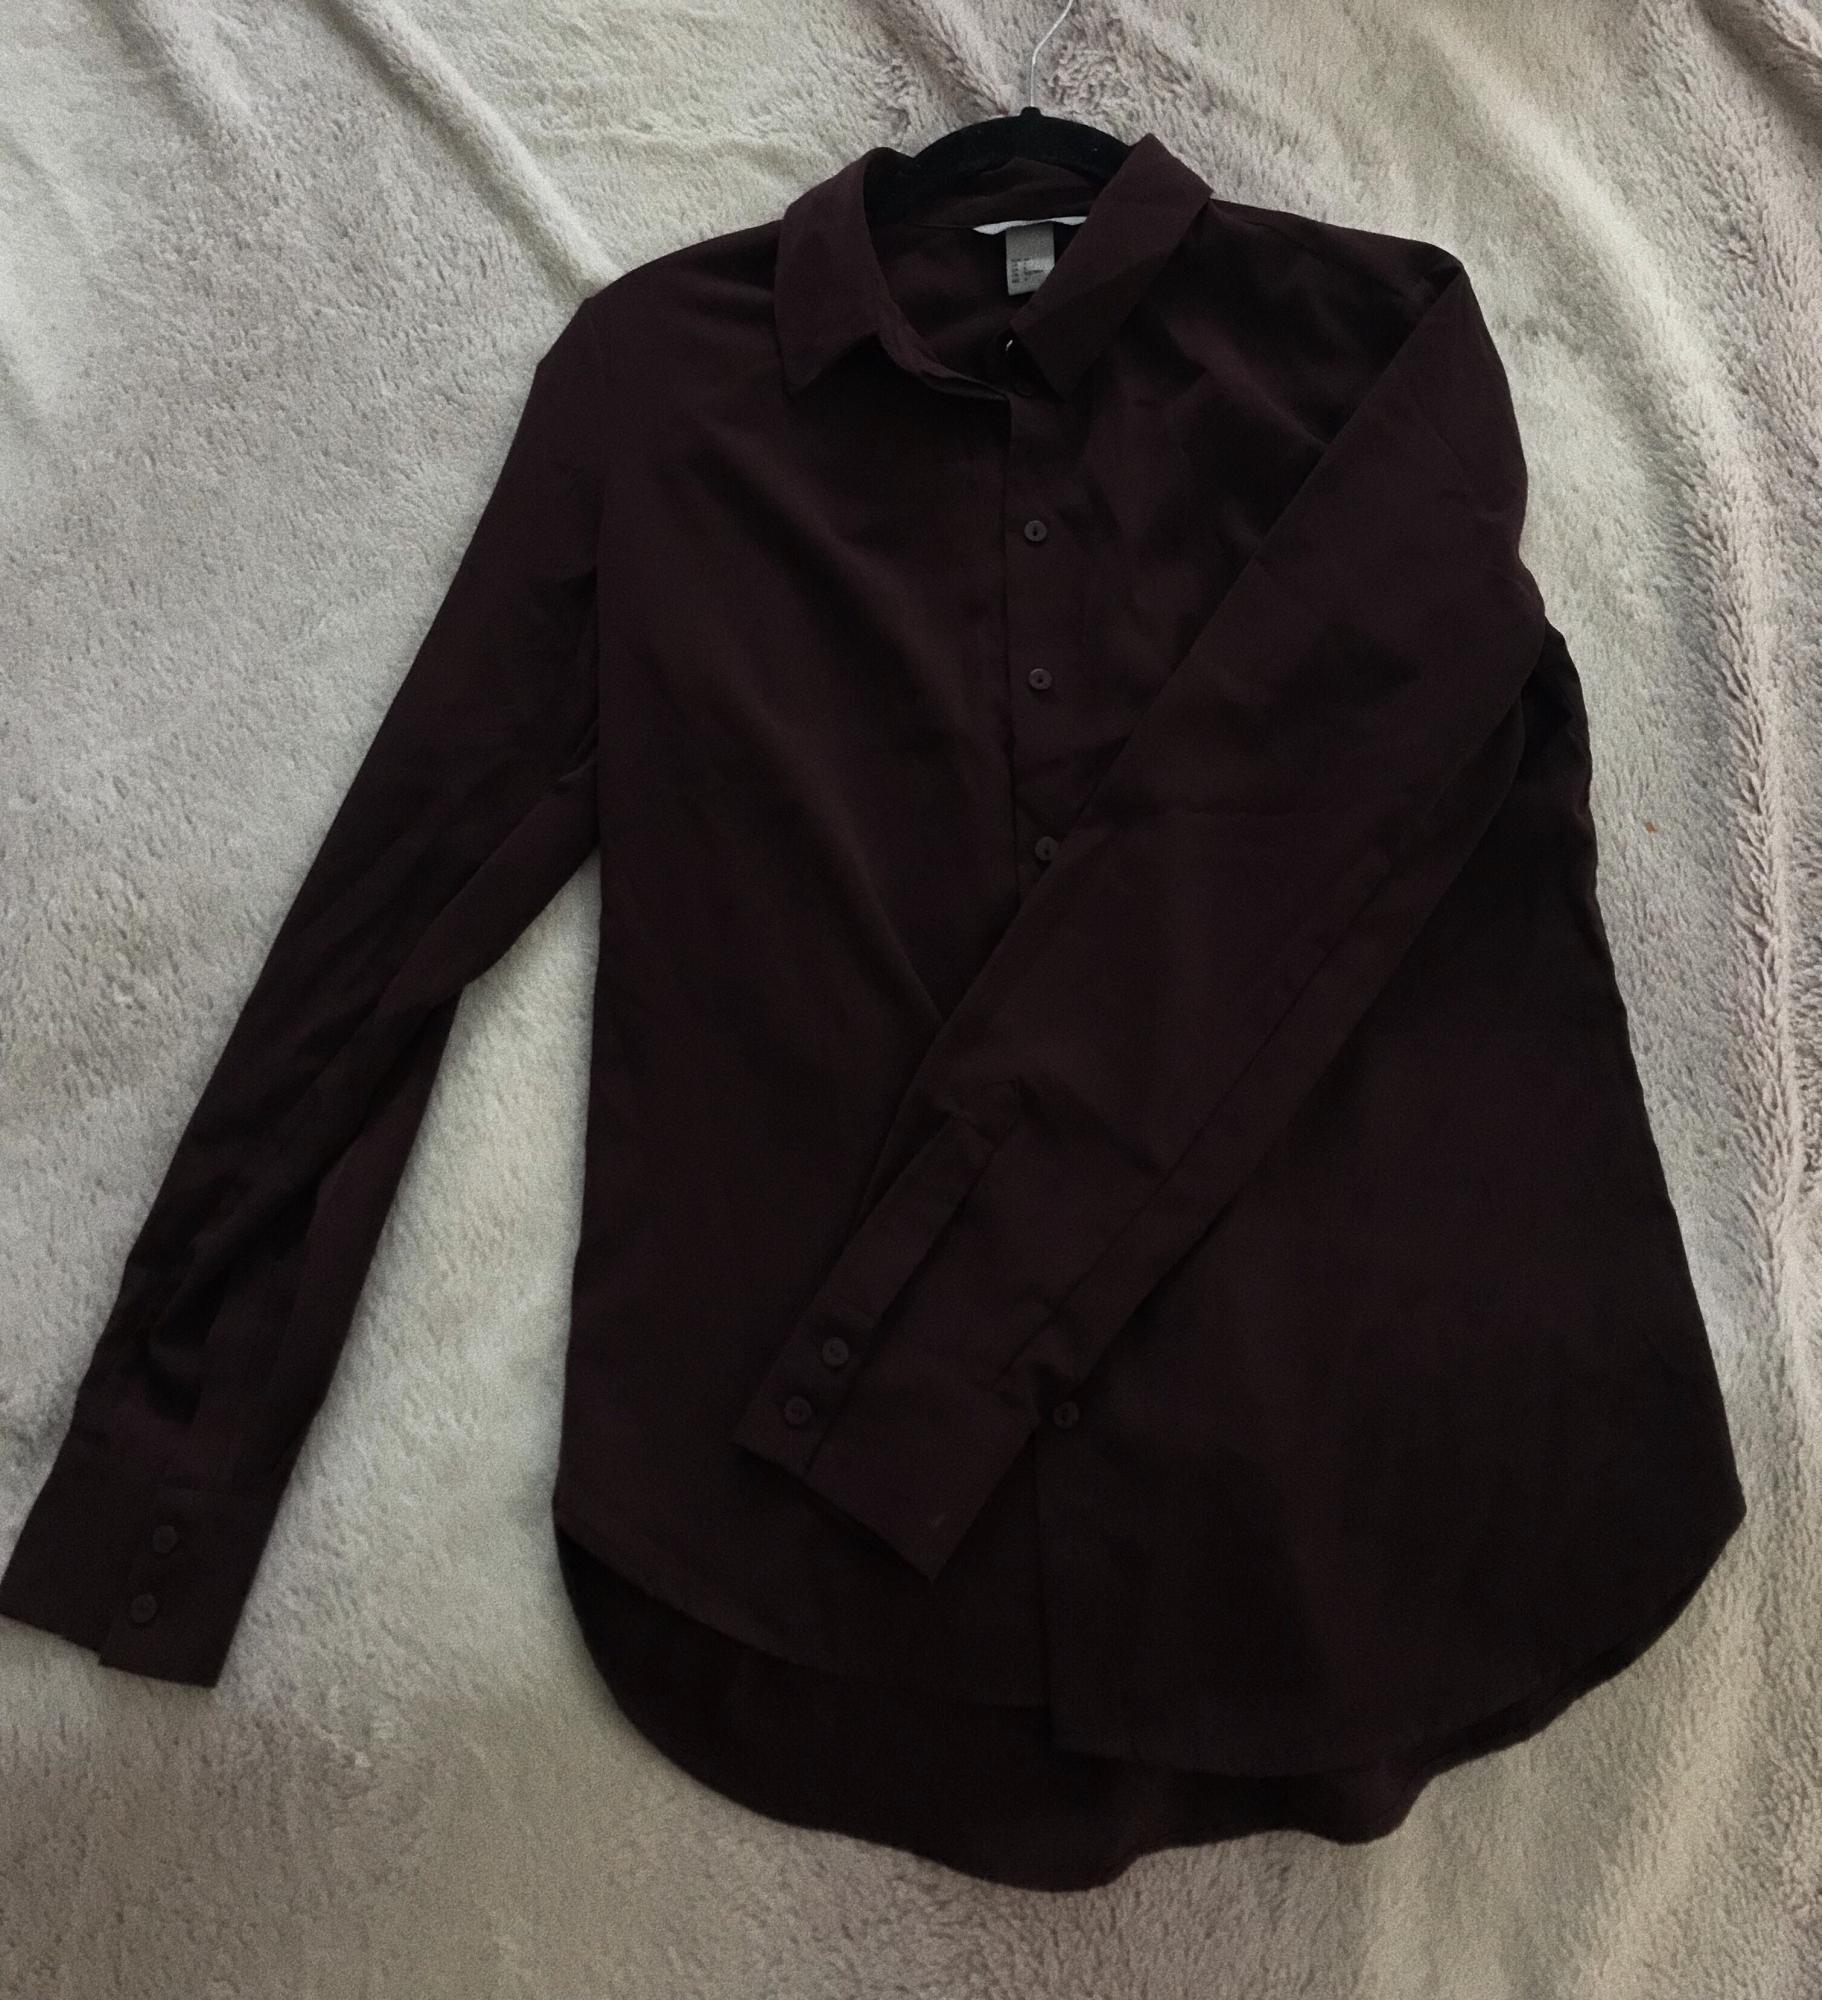 Бардовая, классическая рубашка в Тюмени 89068864725 купить 1